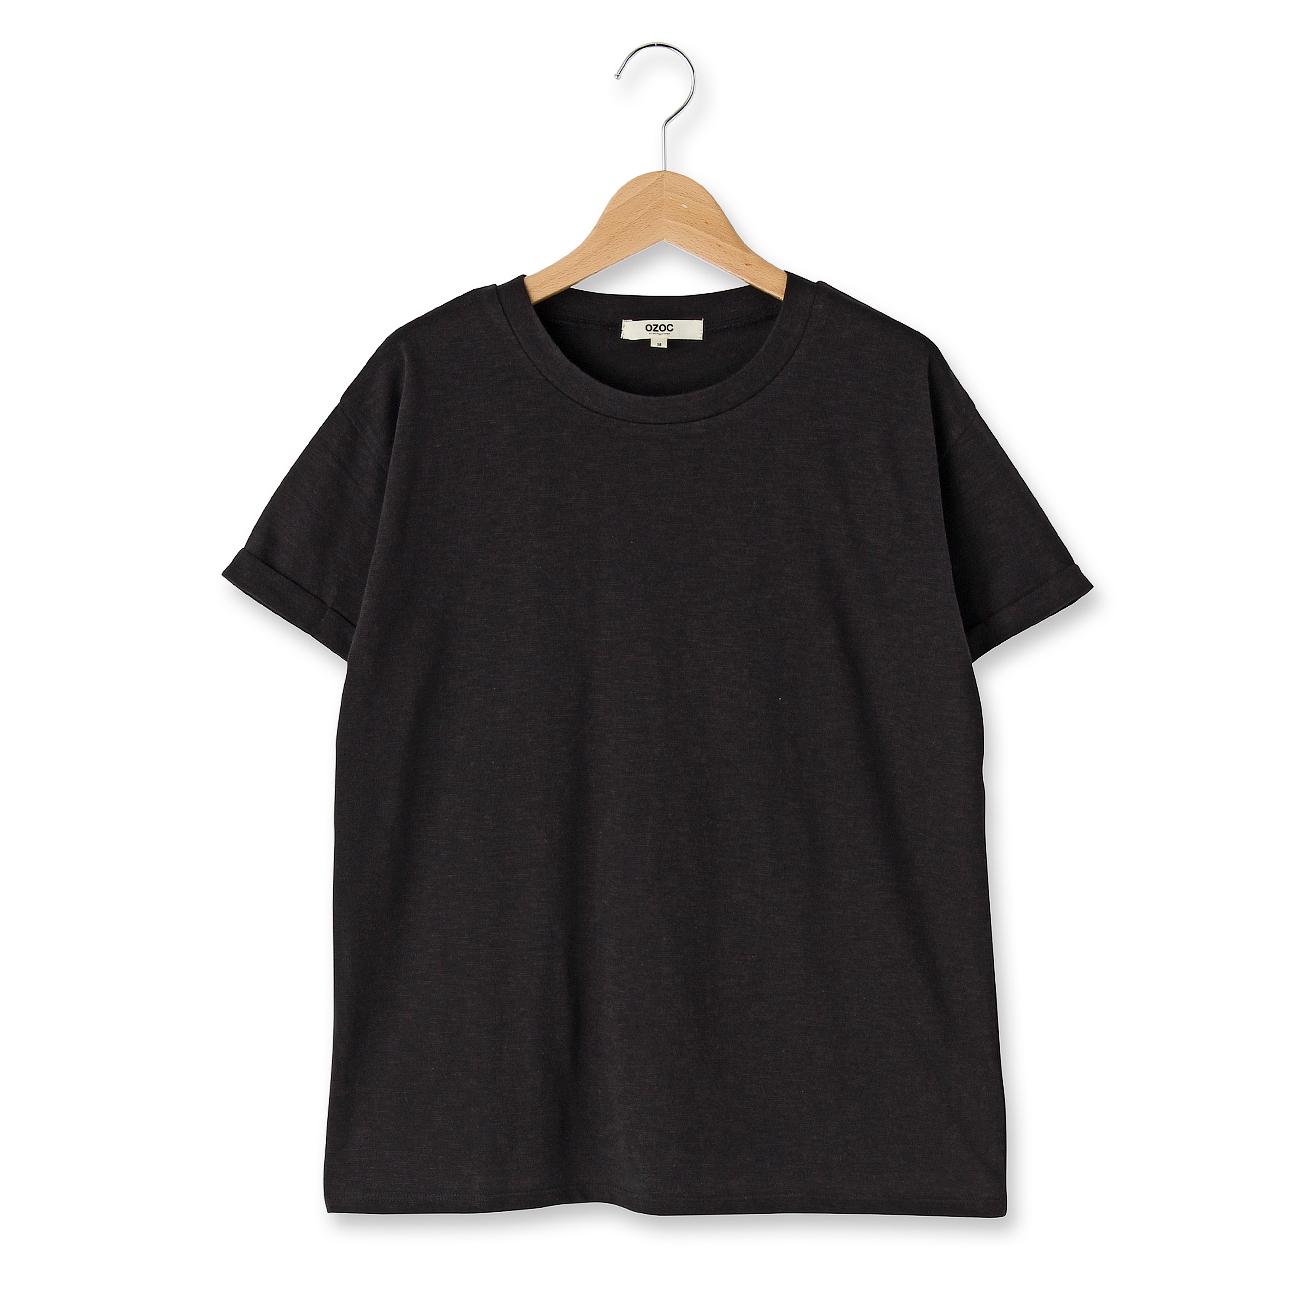 【OZOC (オゾック)】ベーシックスラブTシャツレディース トップス|カットソー・Tシャツ ブラック